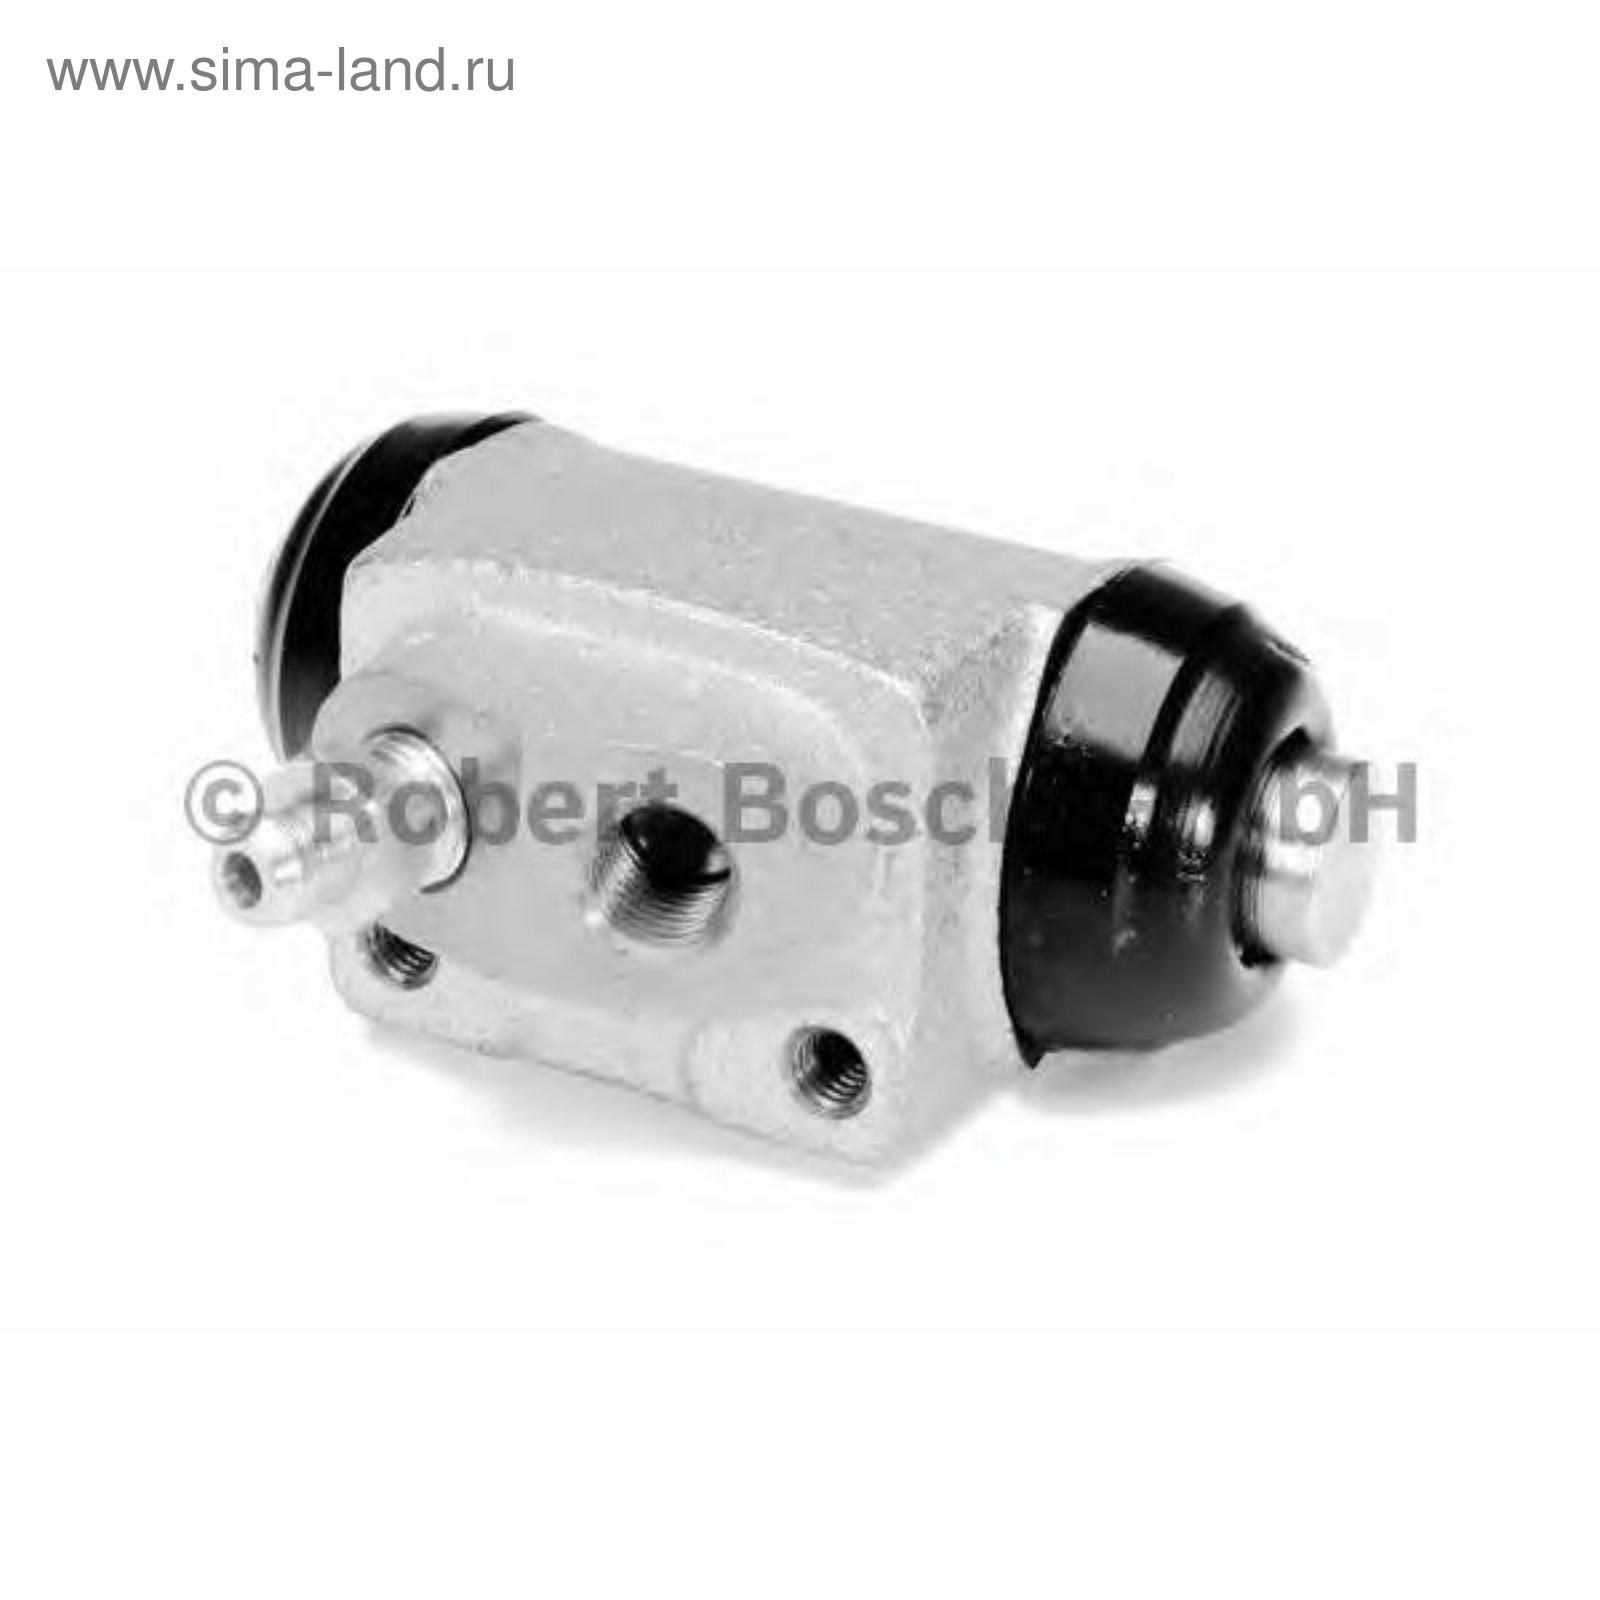 цилиндр тормозной задний левый ACCENT/ELANTRA XD/MATRIX/GETZ 0986475854/583302D020/5838025000